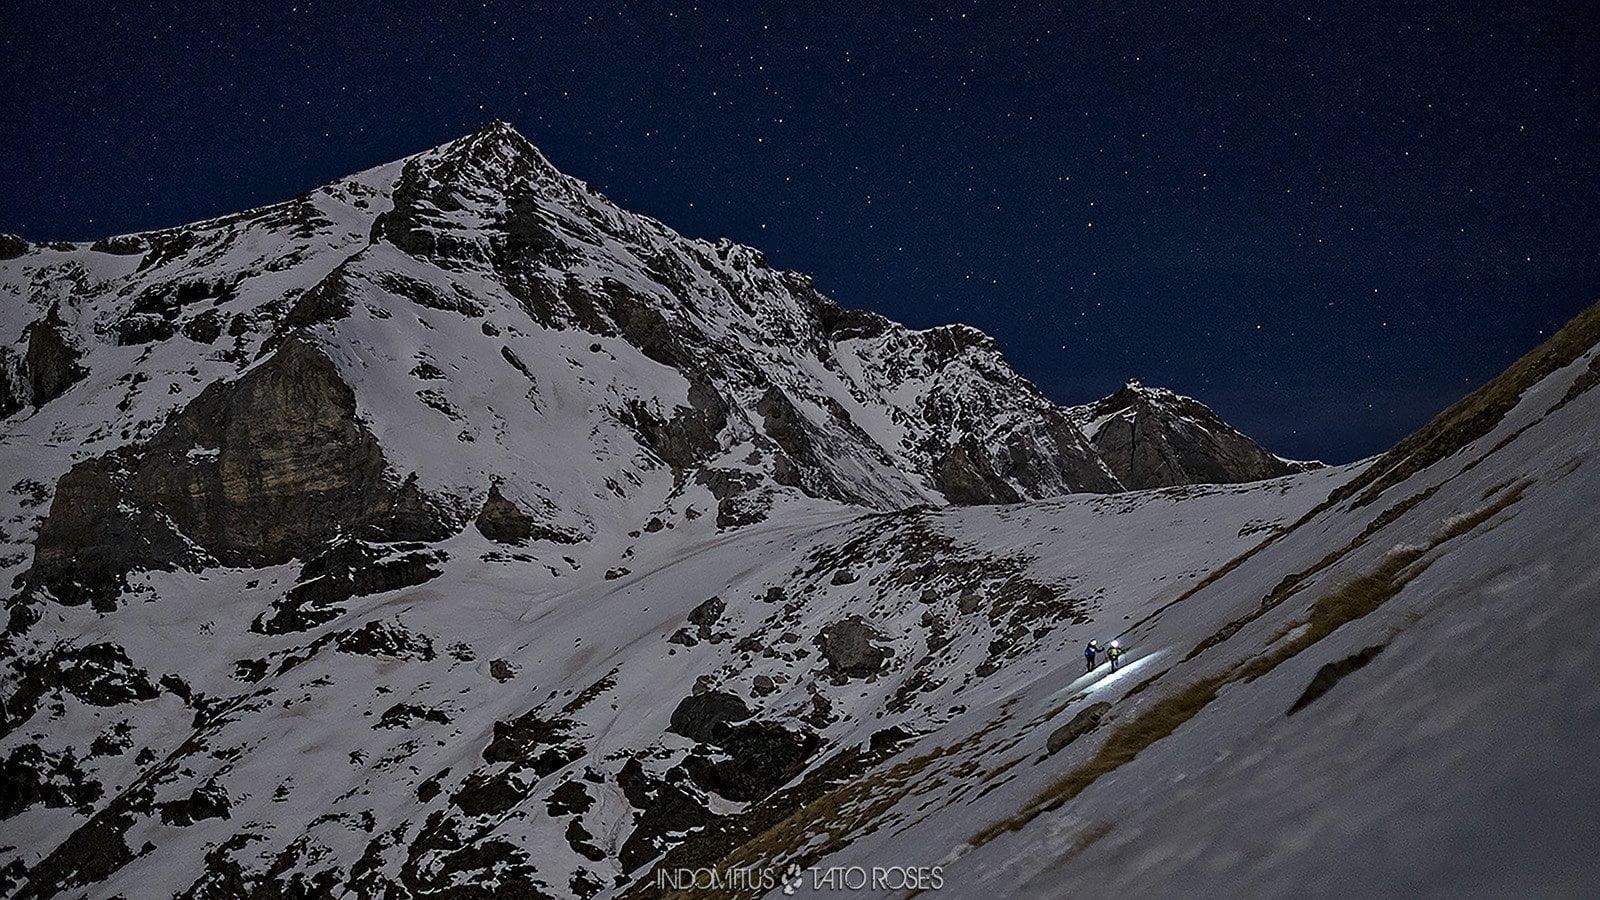 Pirineos Indomitus Tato Rosés 63